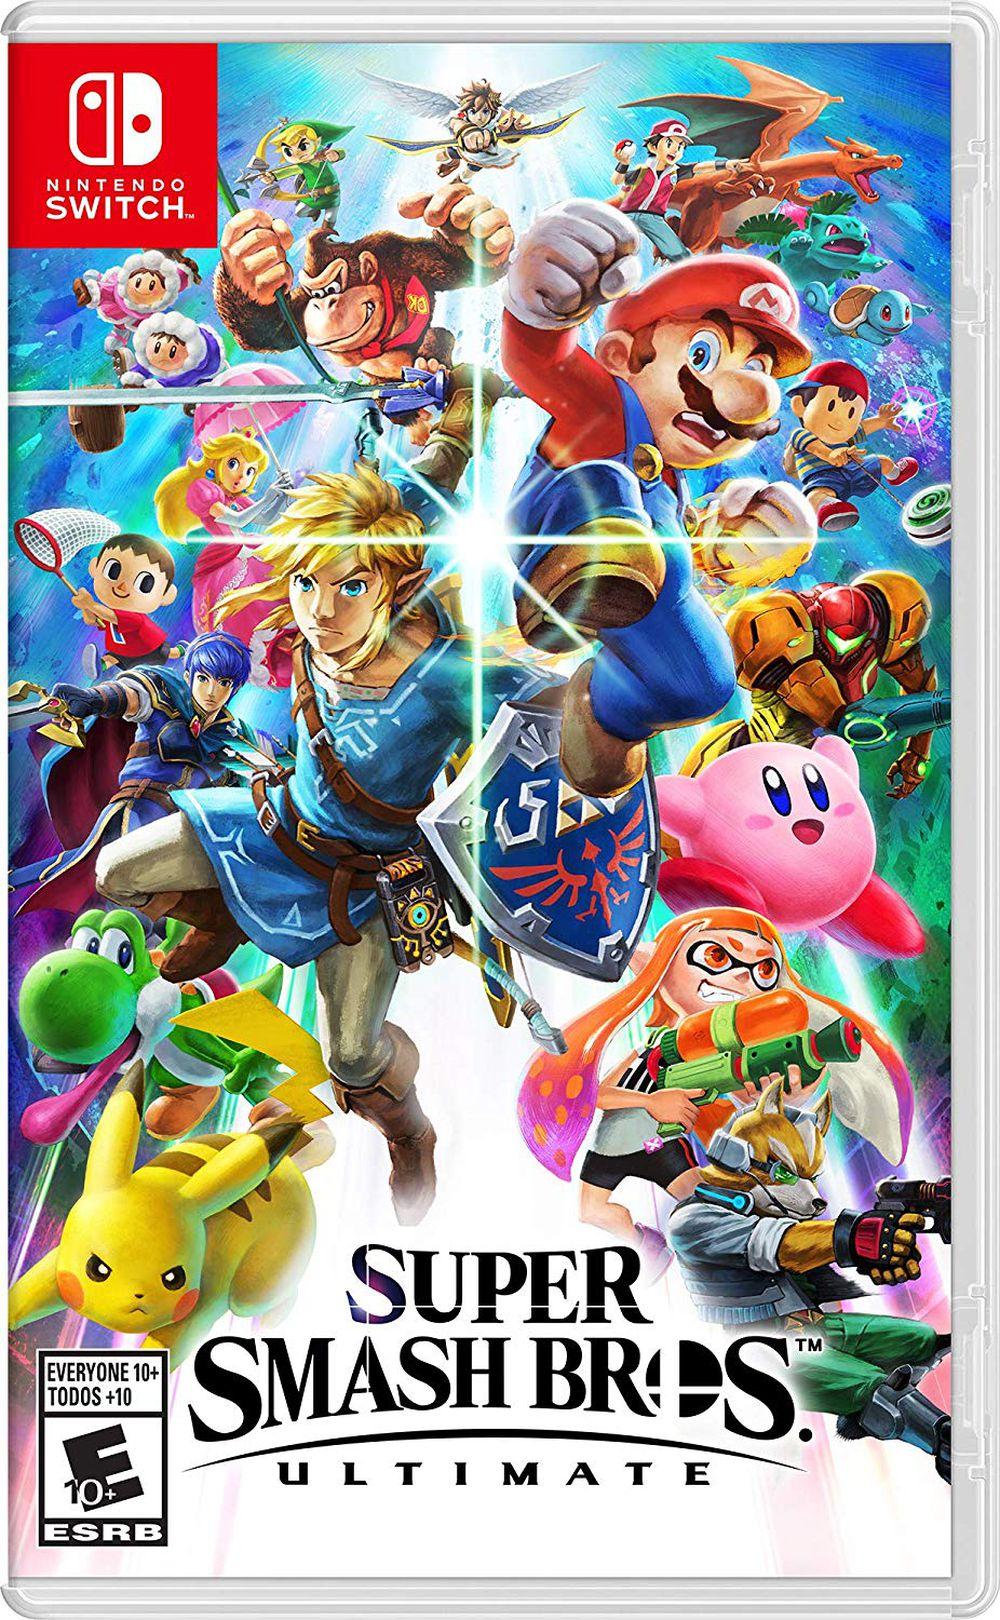 沃尔玛的Nintendo Switch捆绑回来了,Switch游戏减掉10美元,以及本周最优惠的促销活动